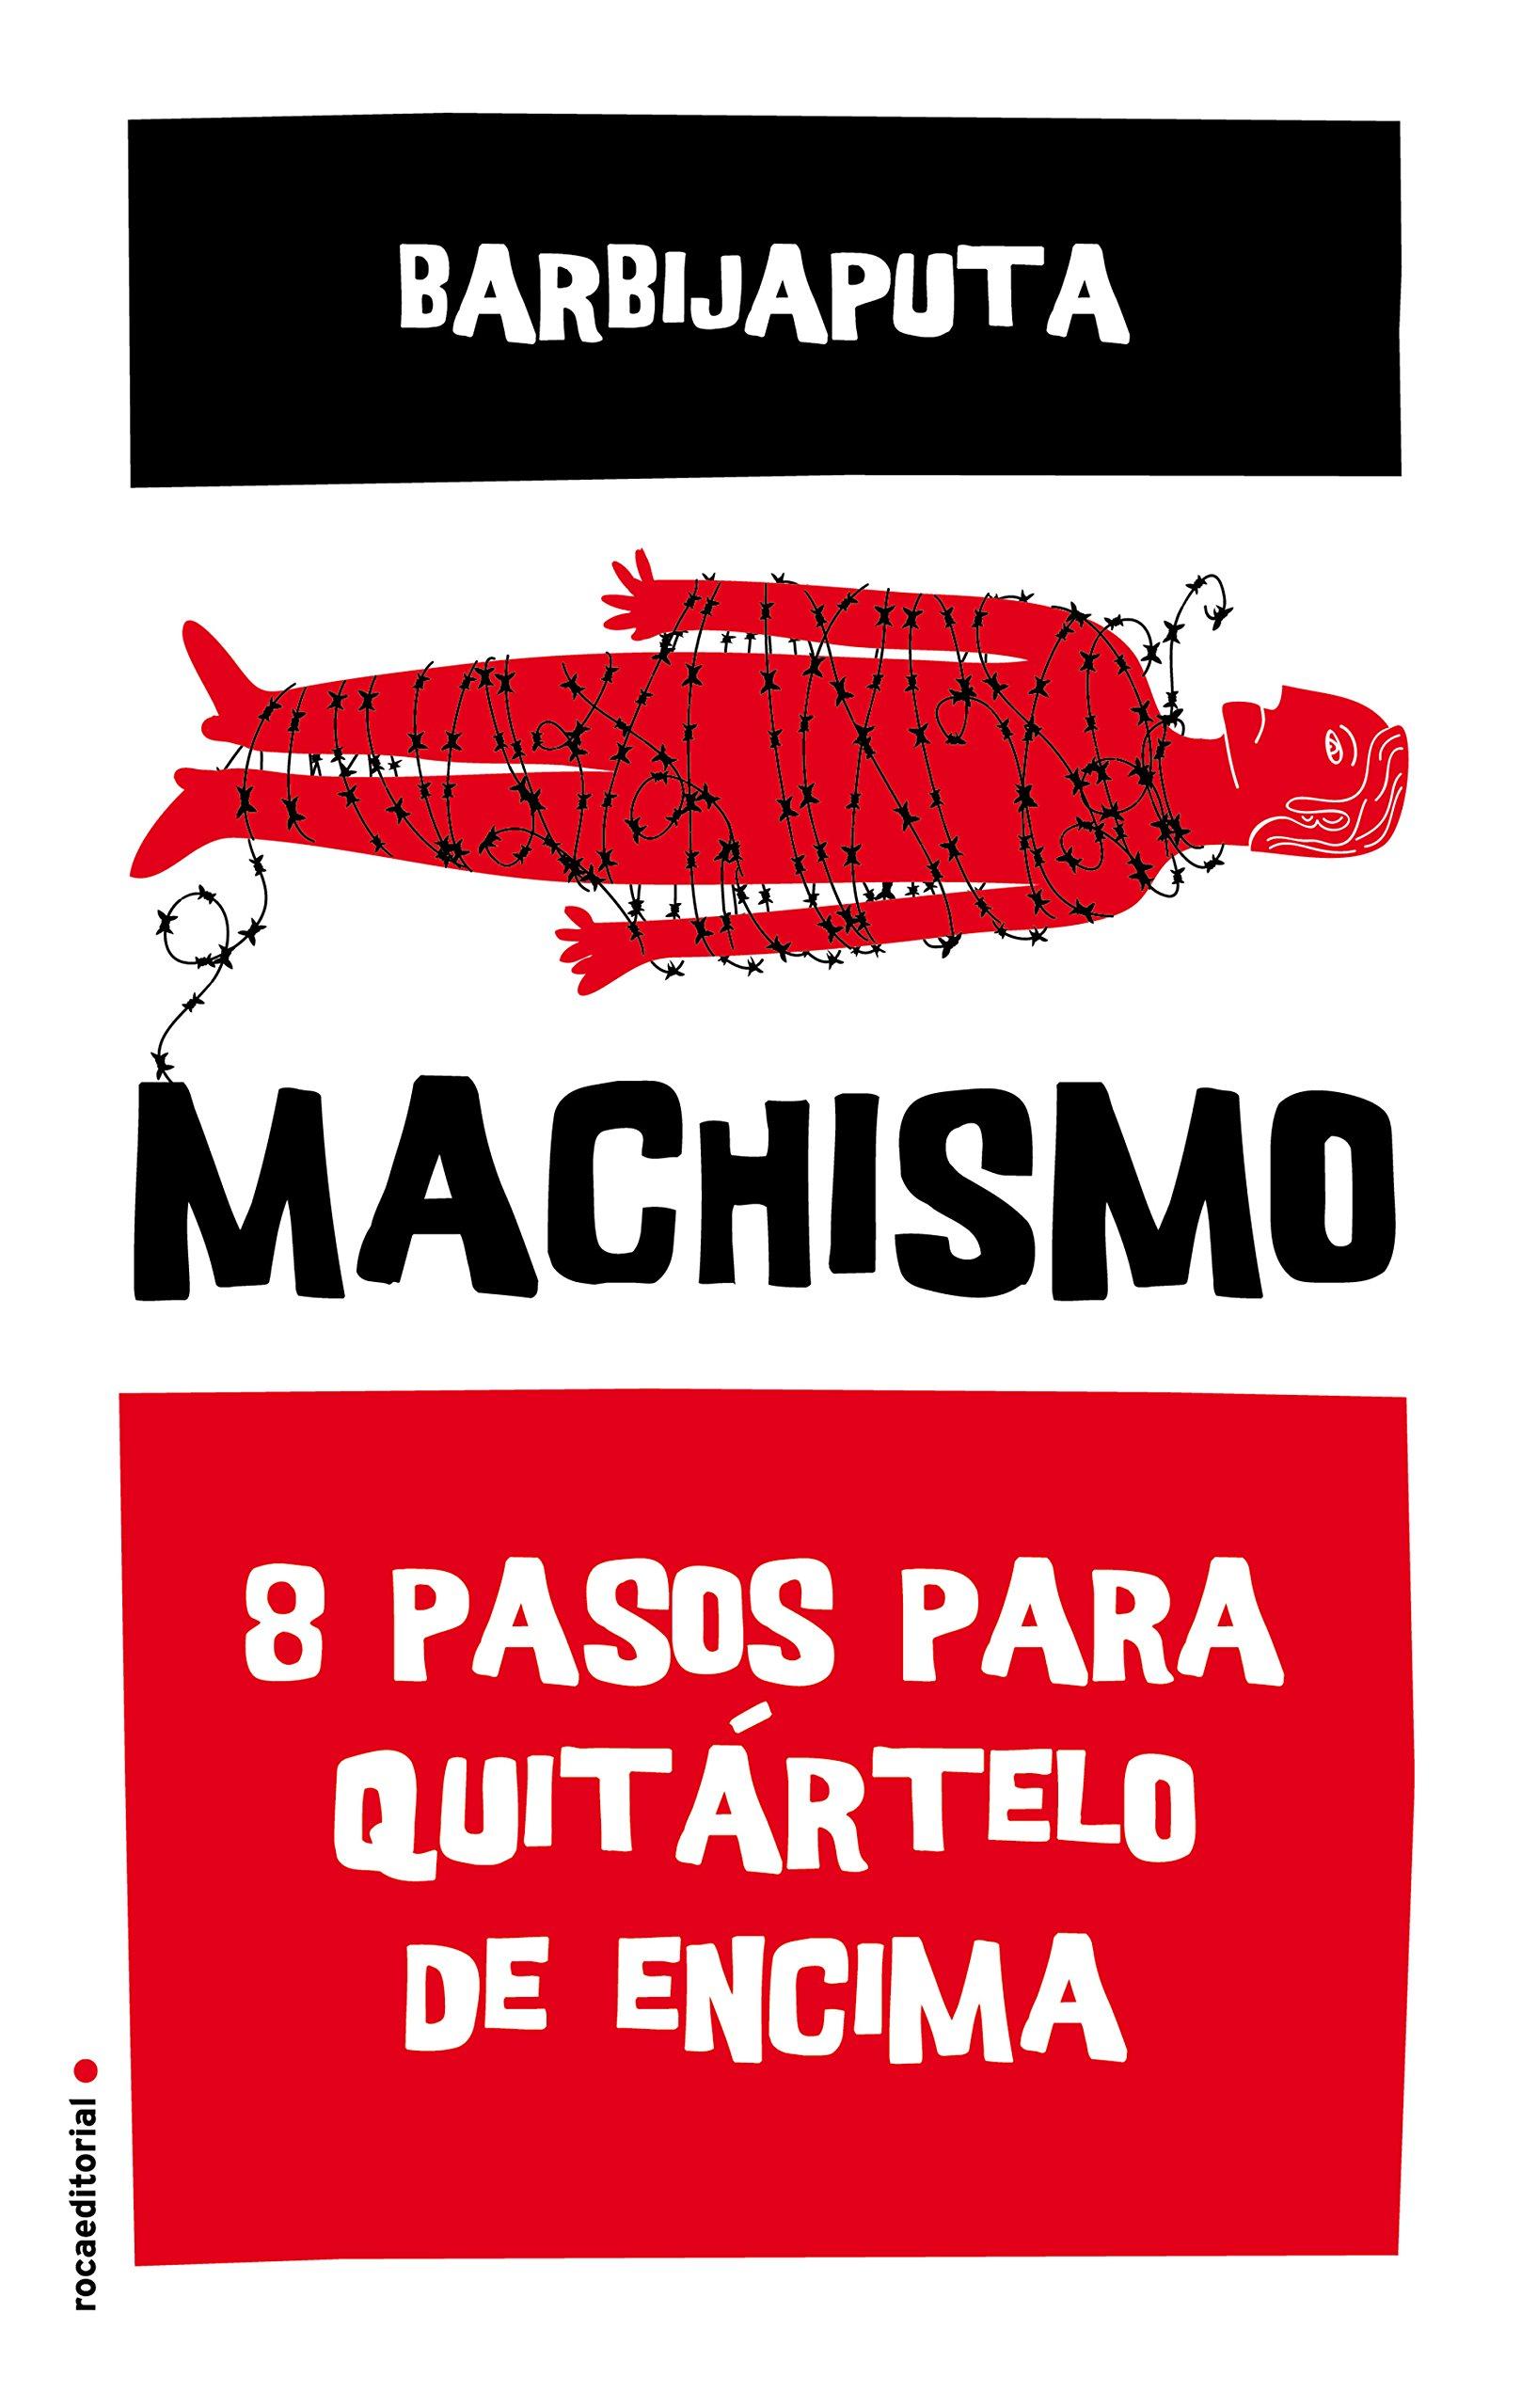 Machismo: Ocho pasos para quitártelo de encima Eldiario.es: Amazon.es: Barbijaputa: Libros